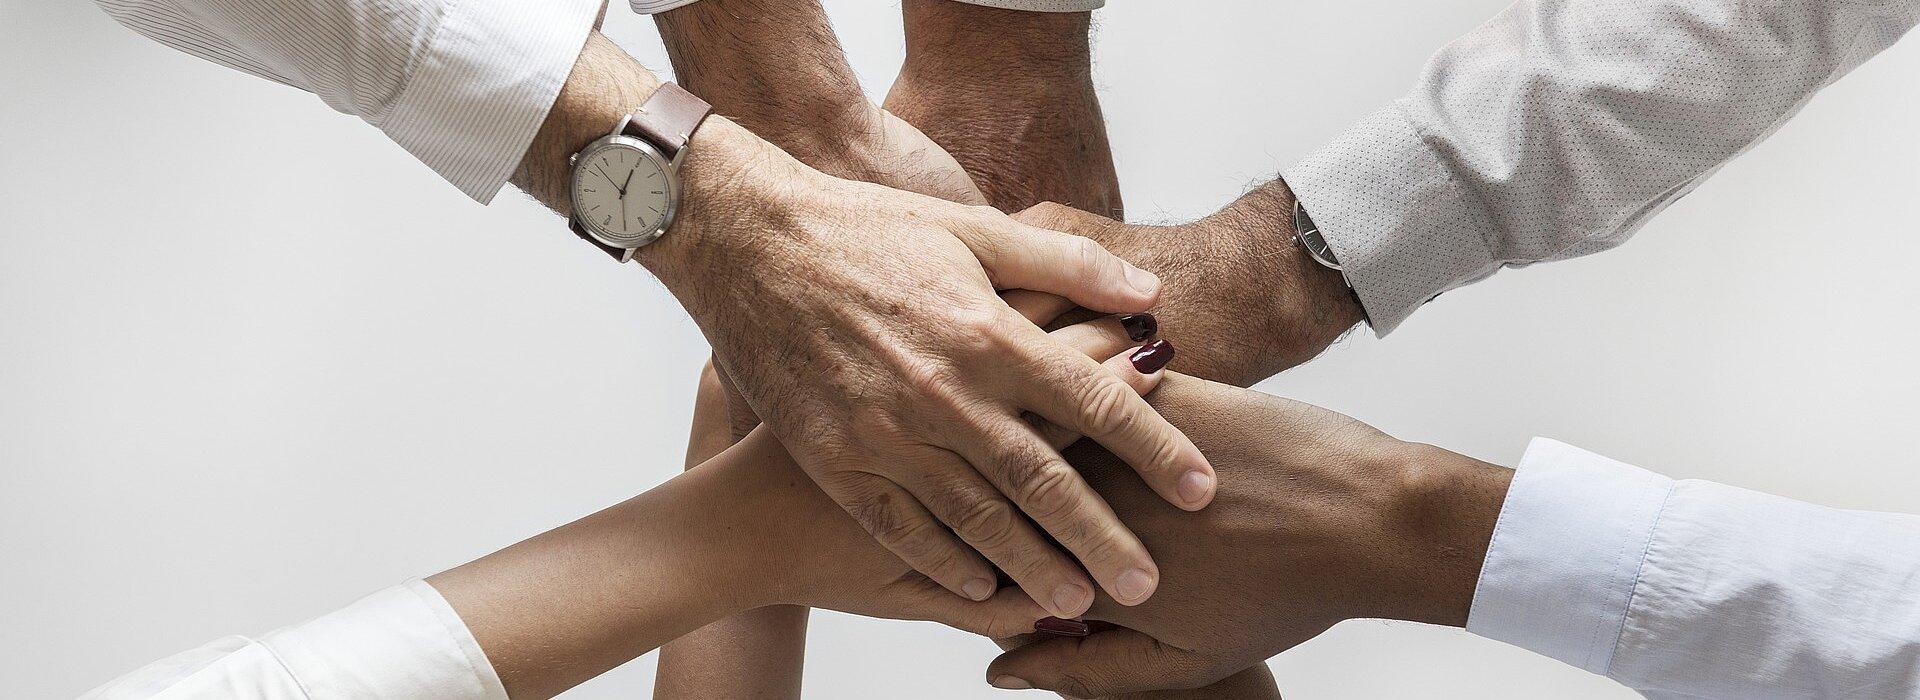 mãos unidas ao centro